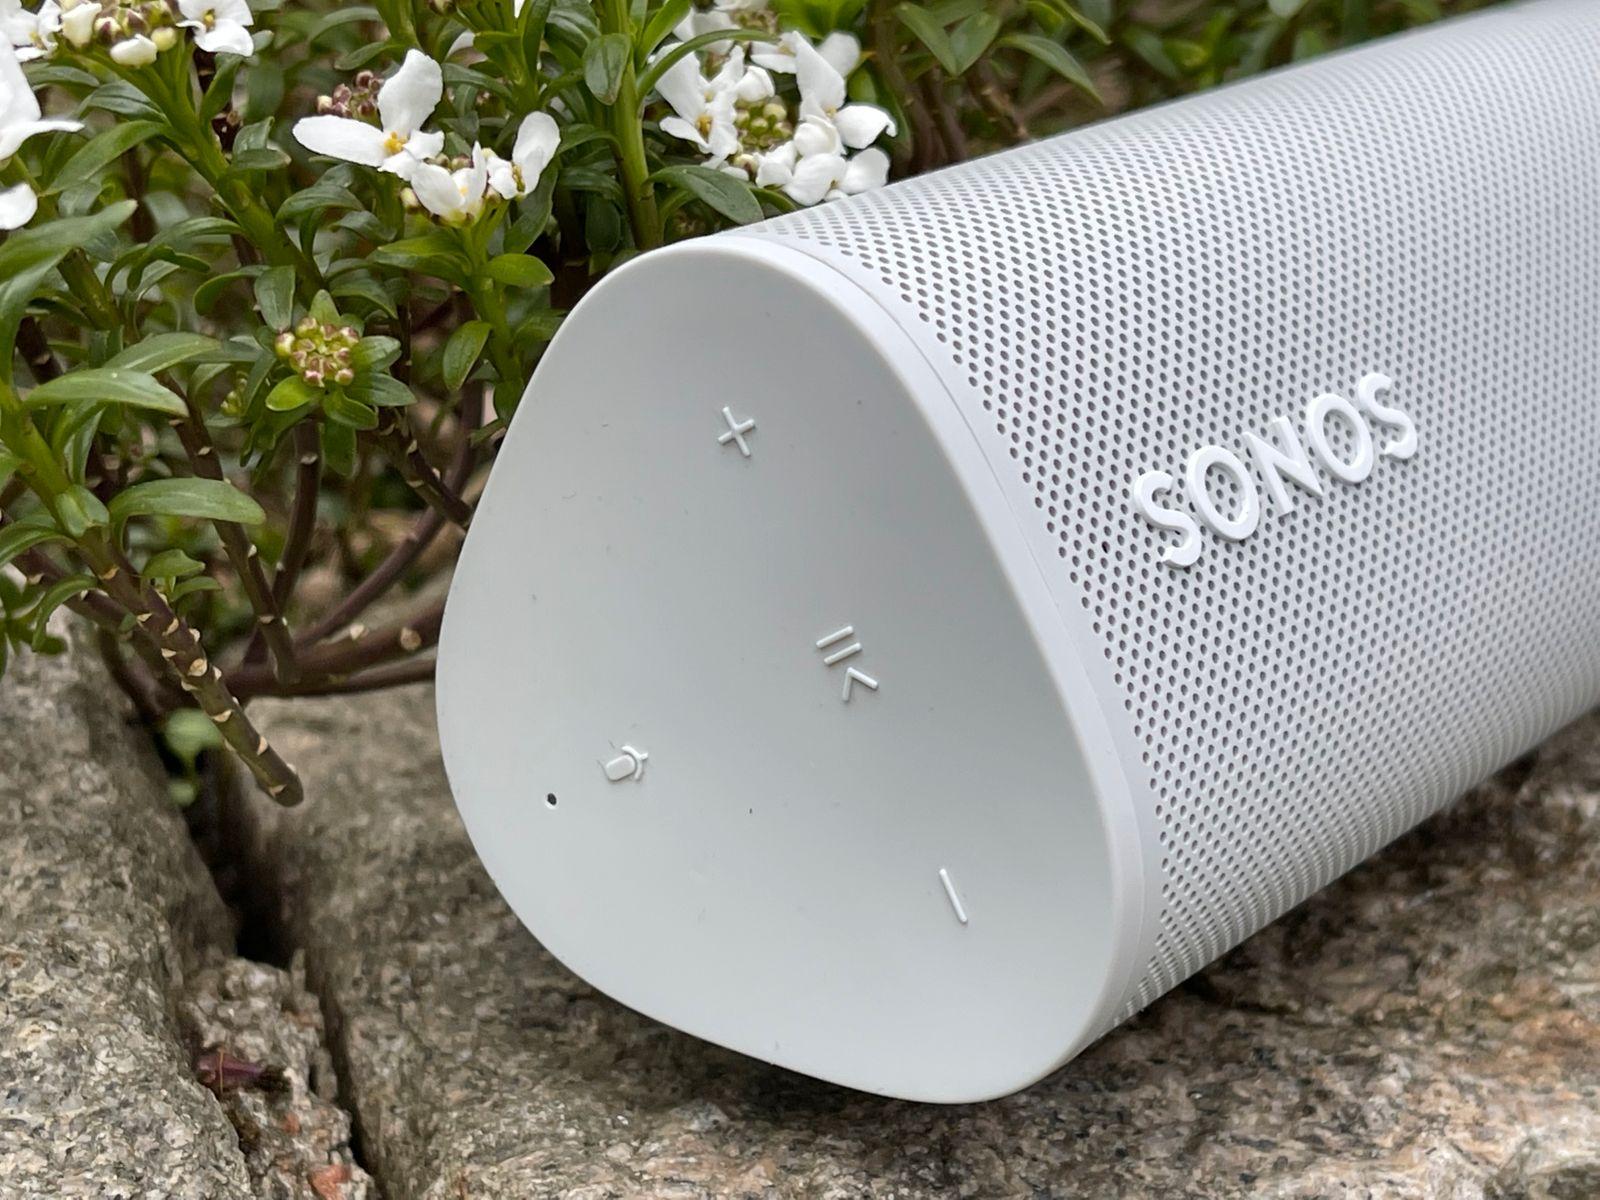 SPERRFRIST 6.4. 15 Uhr / Sonos Roam